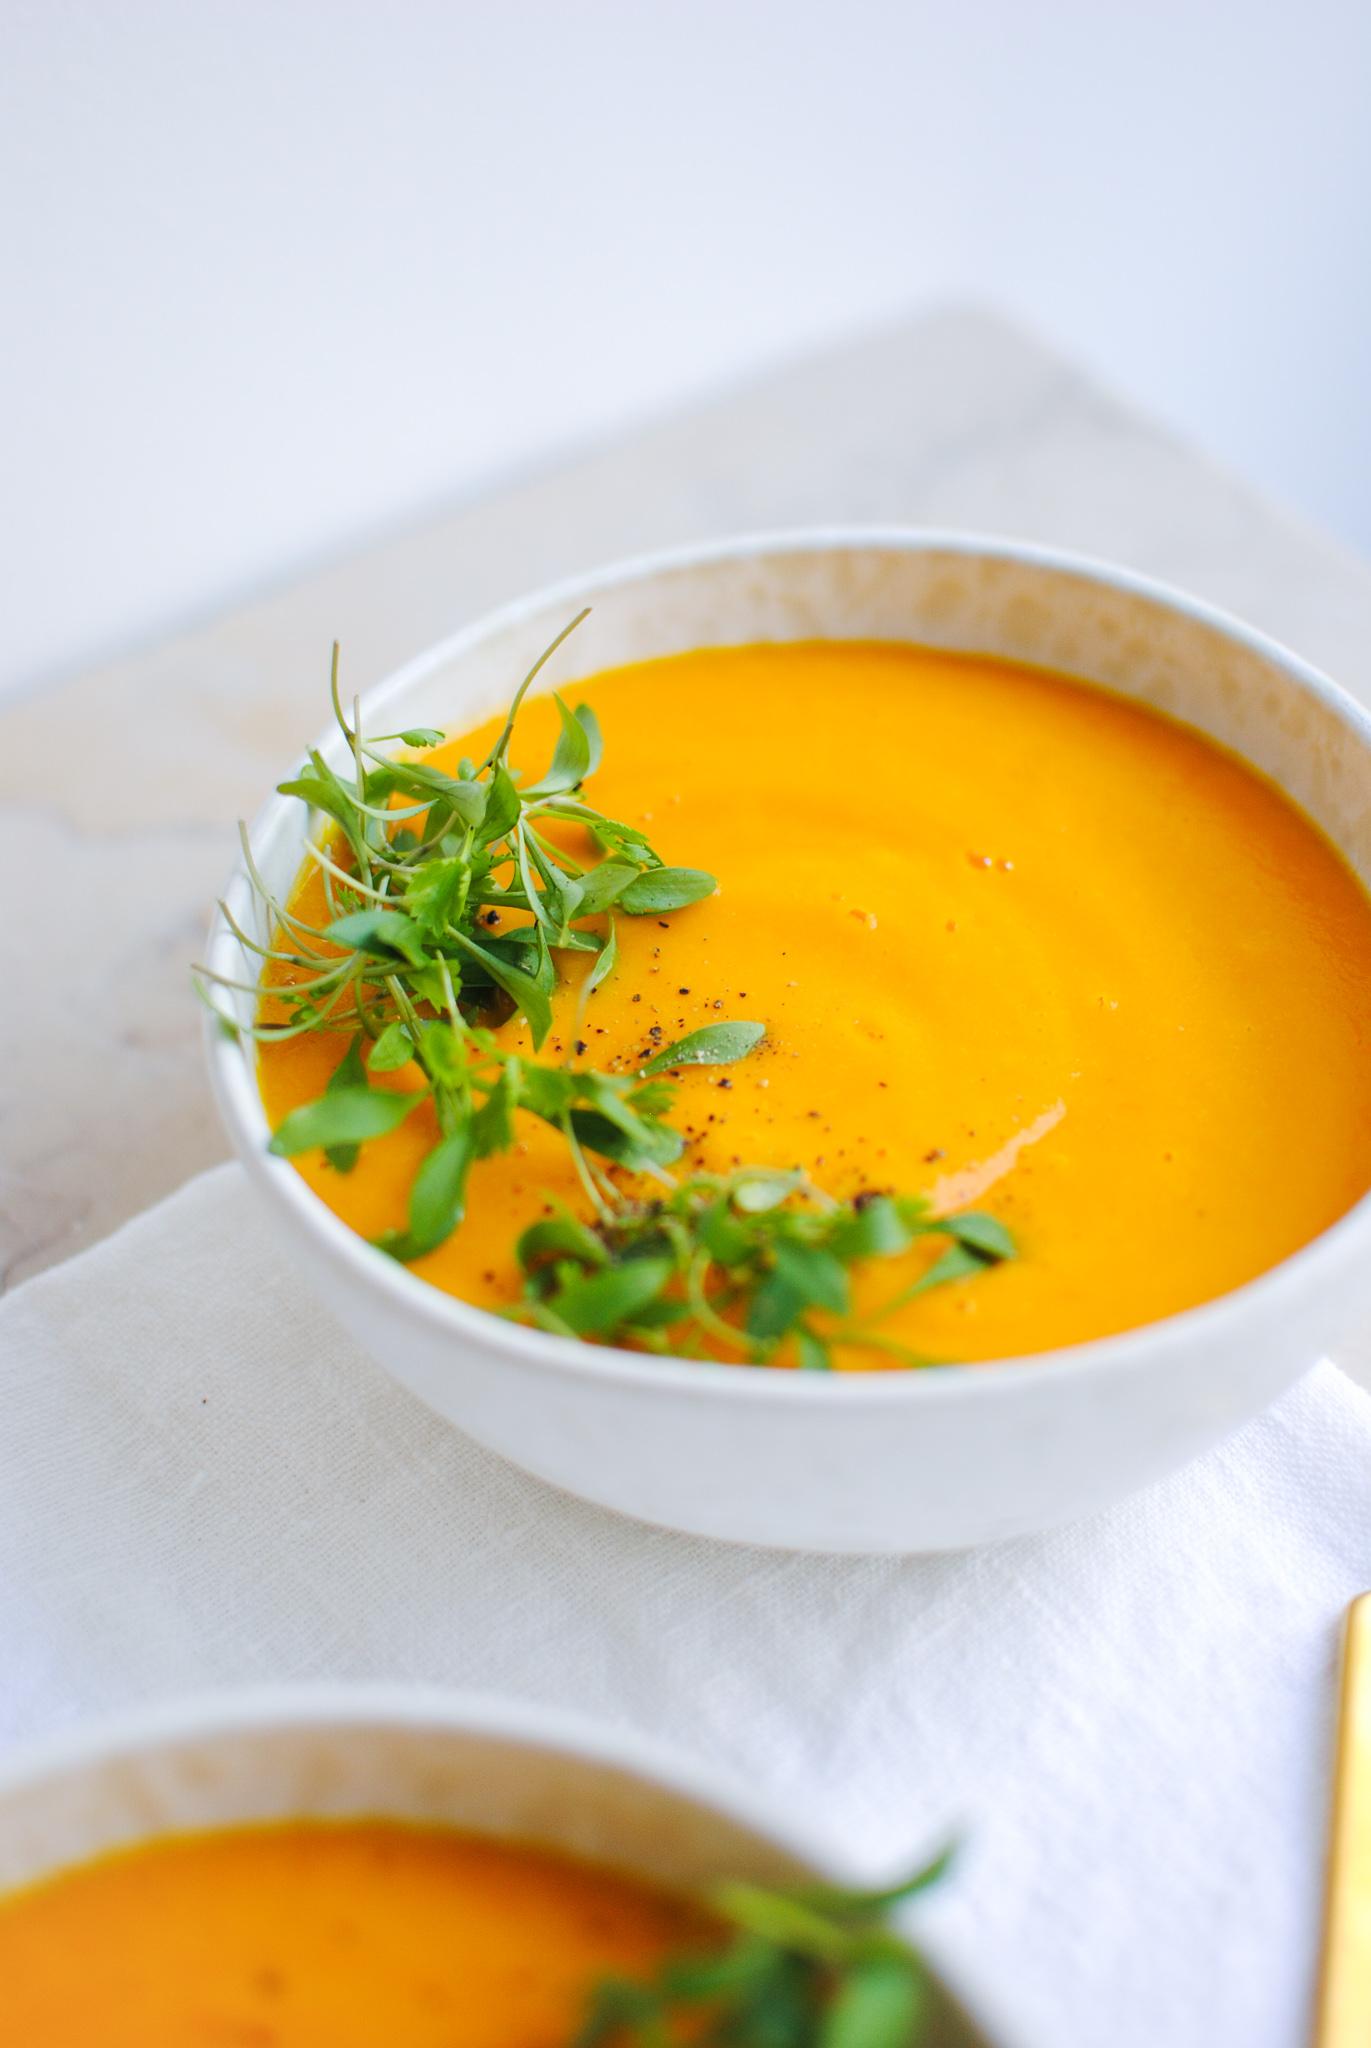 sopa fria cenoura e laranja | please consider | joana limao